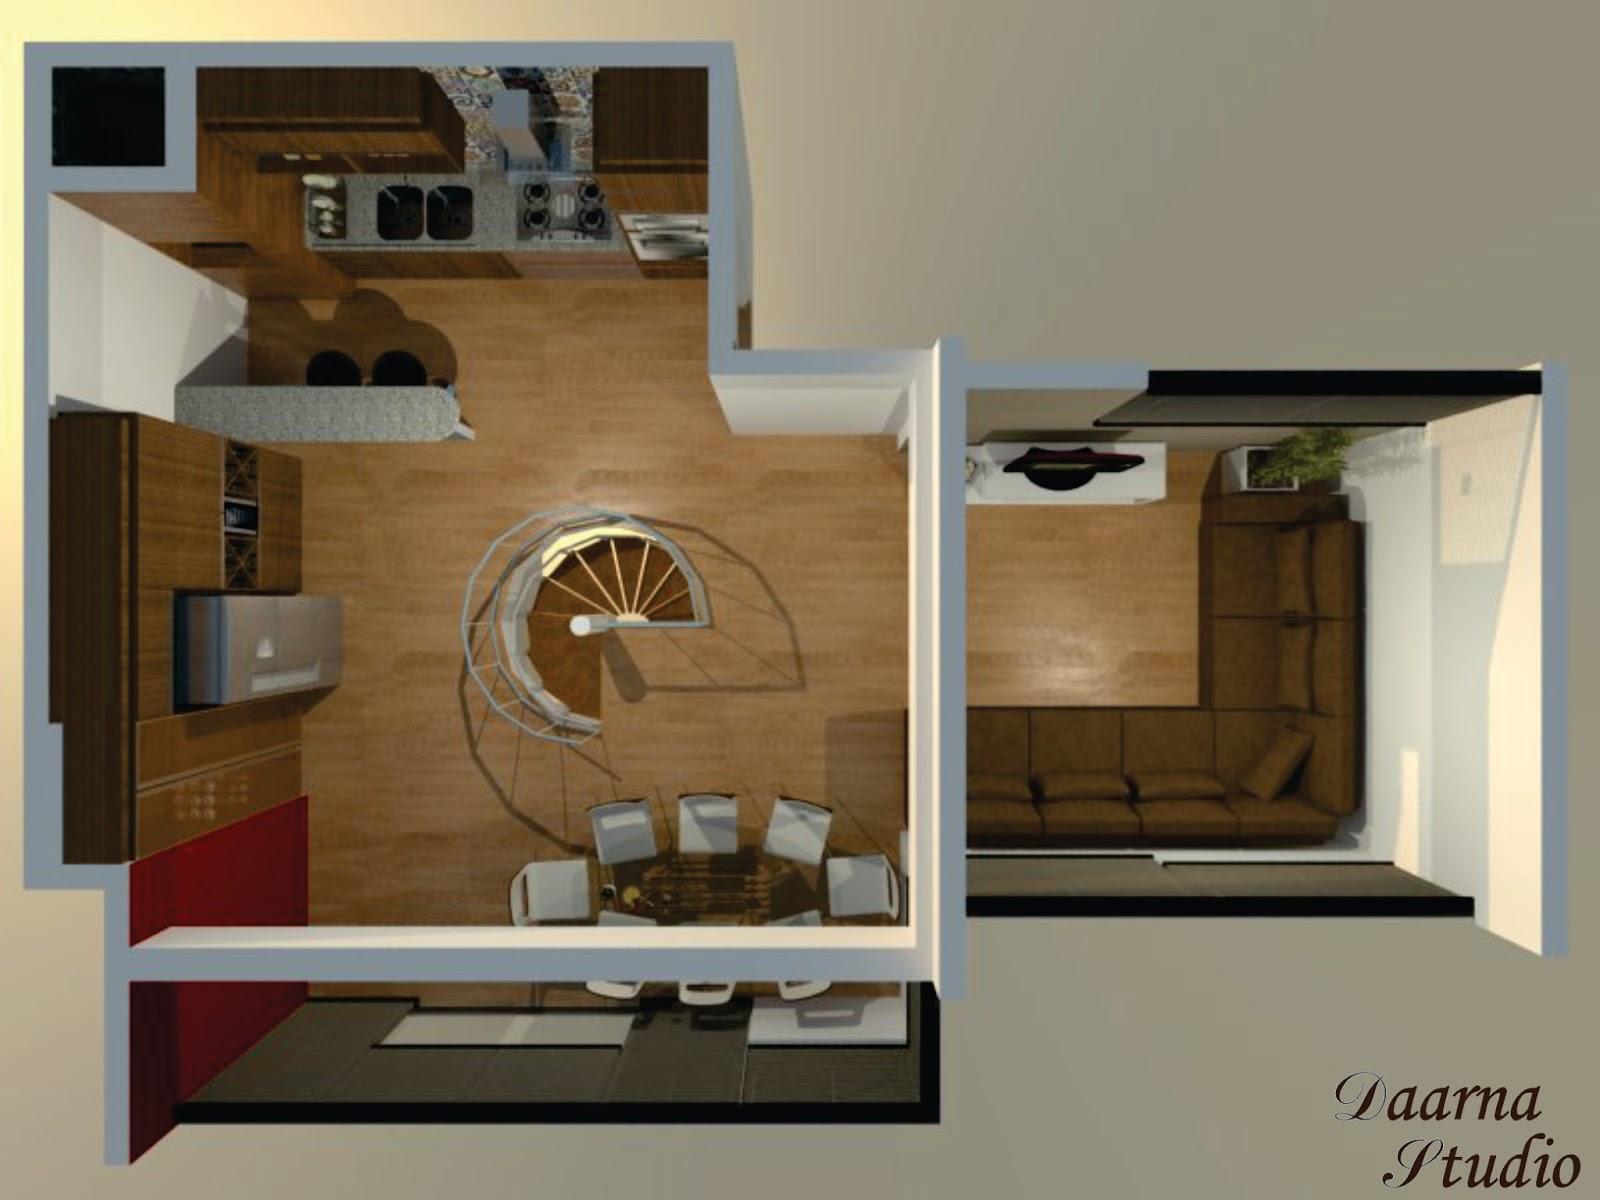 #634524 hidráulico e porcelanato que imita madeira para os revestimentos de  1600x1200 px Projetos De Cozinhas Com Silestone #479 imagens